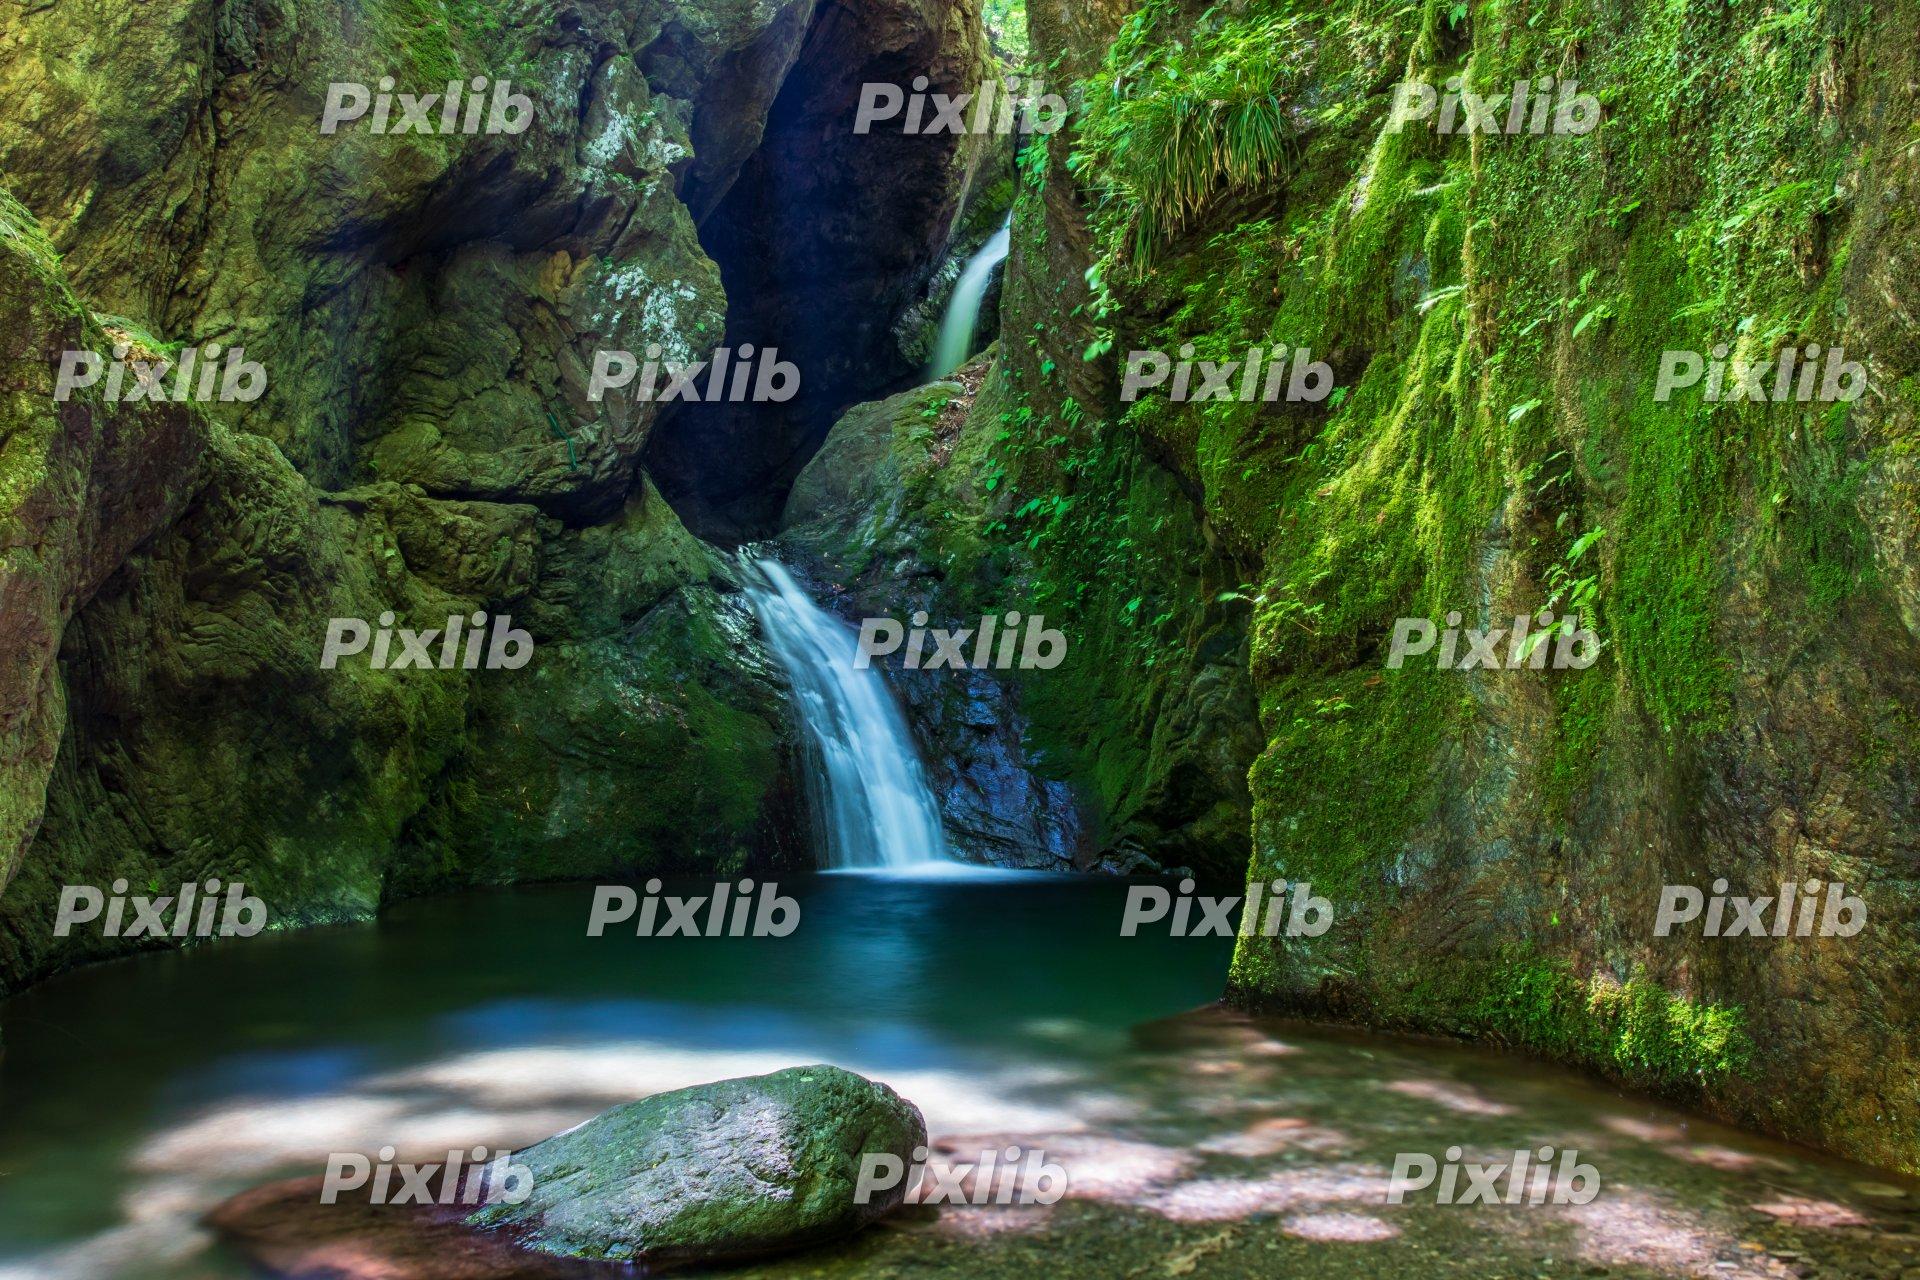 木漏れ日がさすネジレの滝